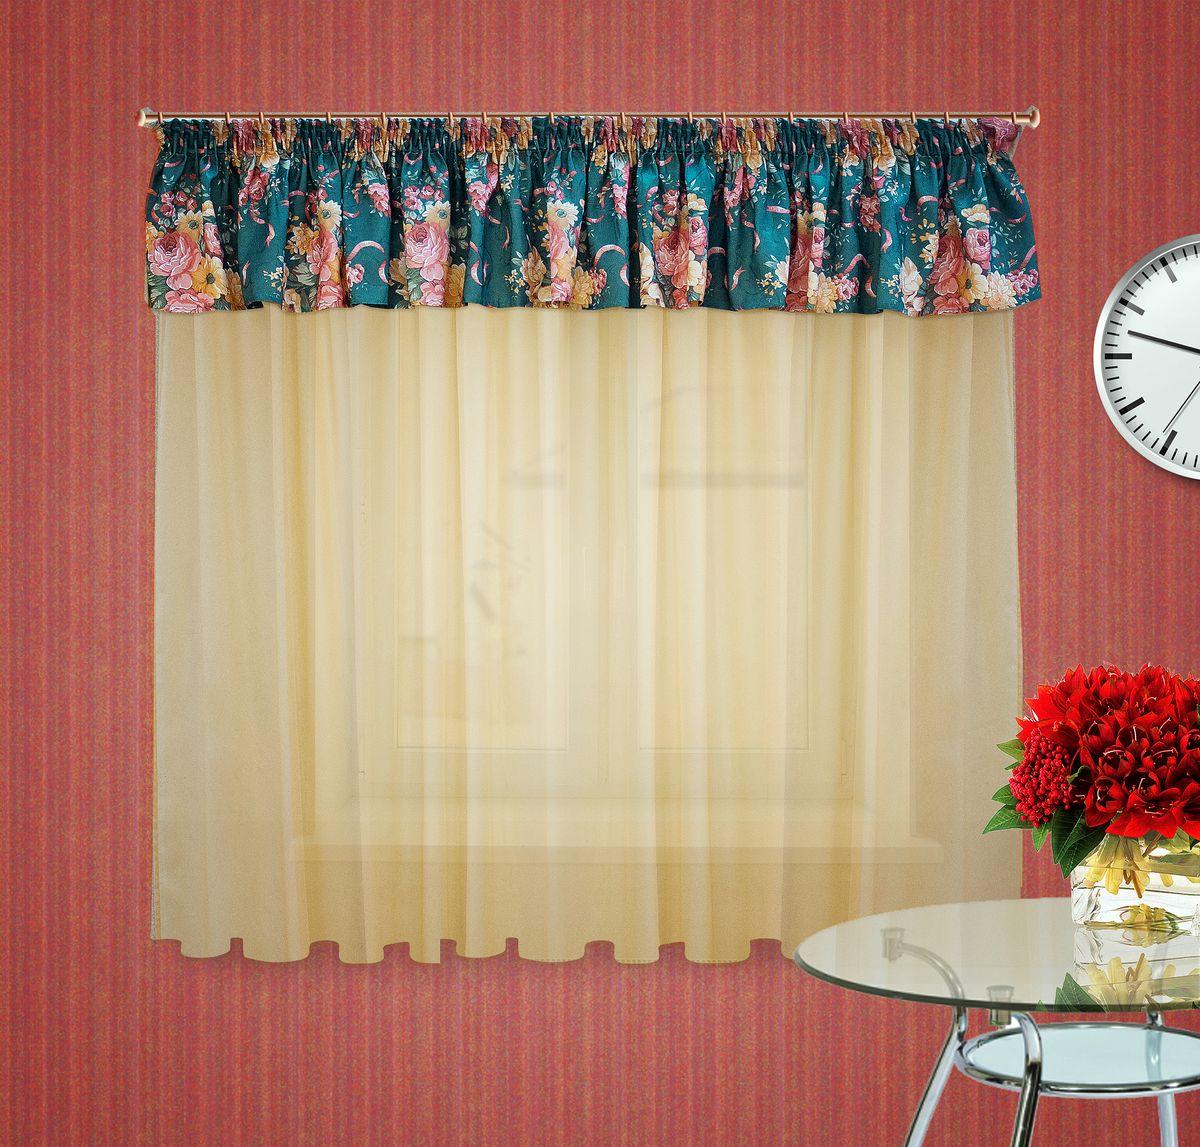 Тюлевое полотно Zlata Korunka. 5555410260Комплект штор на шторной ленте , Ламбрекен : 400*50см 1шт, ткань печатный сатен с орнаментом крупного цветка, Тюлевое полотно из вуали цвет: светлый беж размером: 300*180